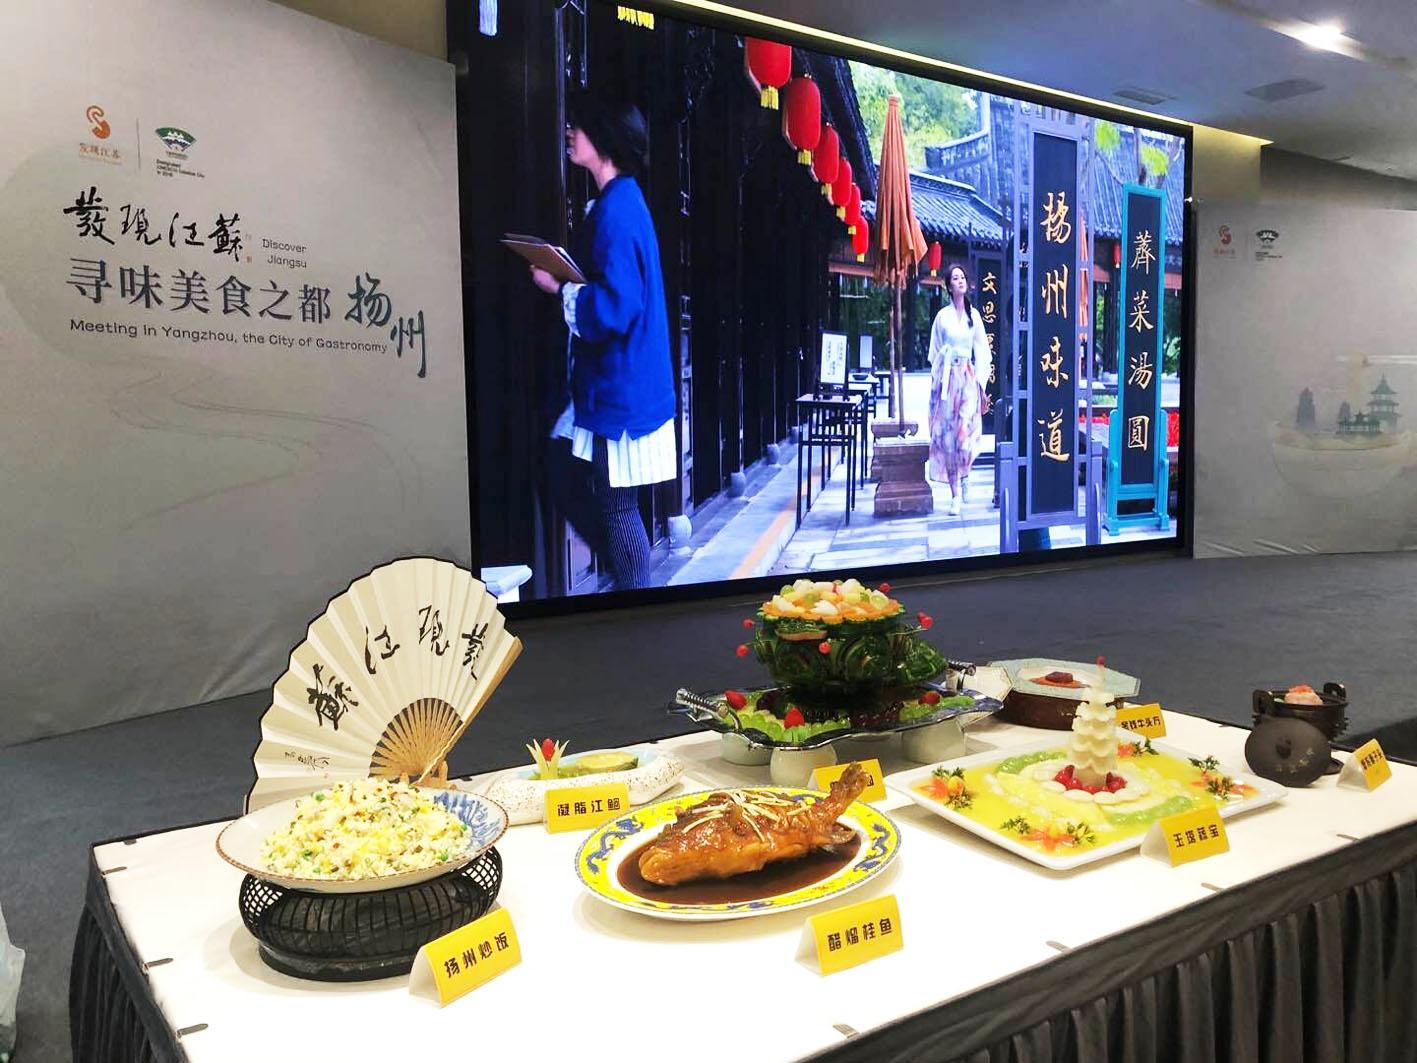 扬州档案馆珍藏 16道经典淮扬菜模亮相